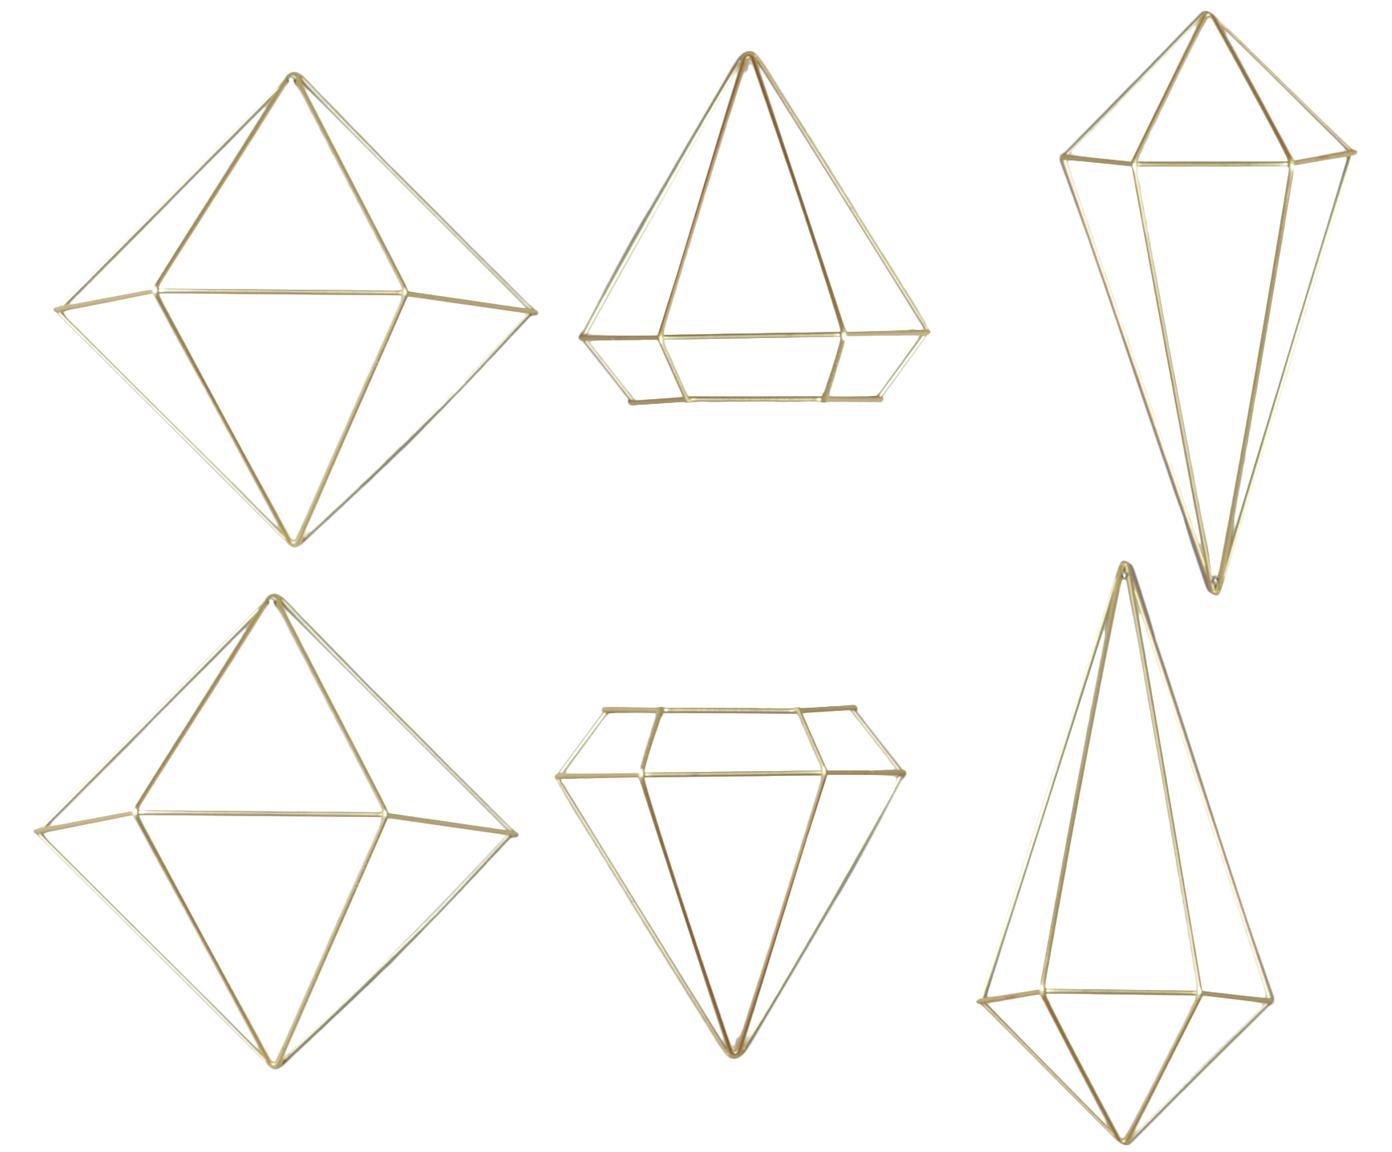 Set de decoraciones de pared Prisma, 6pzas., Metal, pintado, Latón, Tamaños diferentes